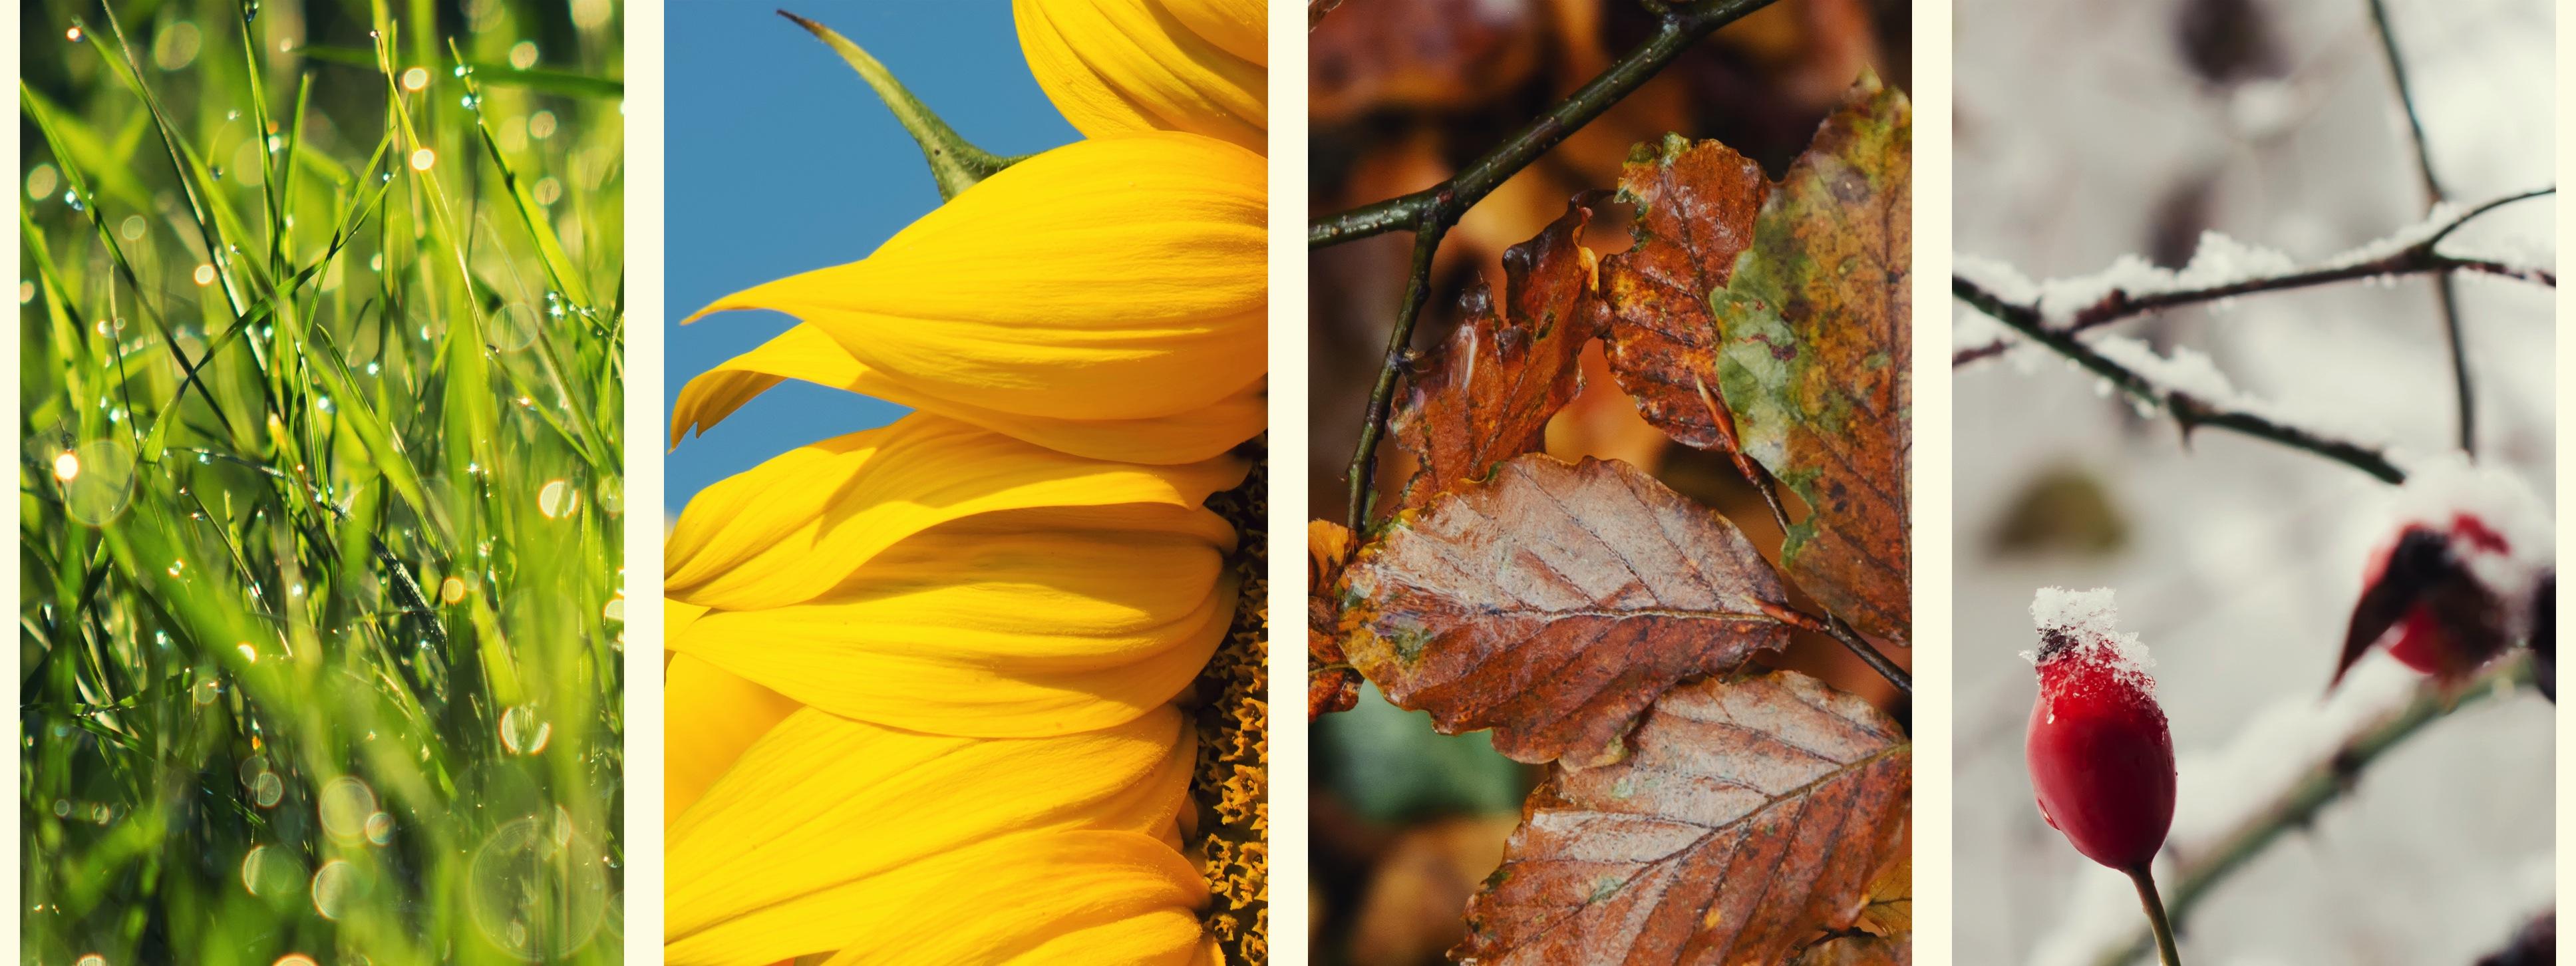 Islamic Wallpaper Hd 3d Seasonal Picture 3872x1452 Full Hd Wall